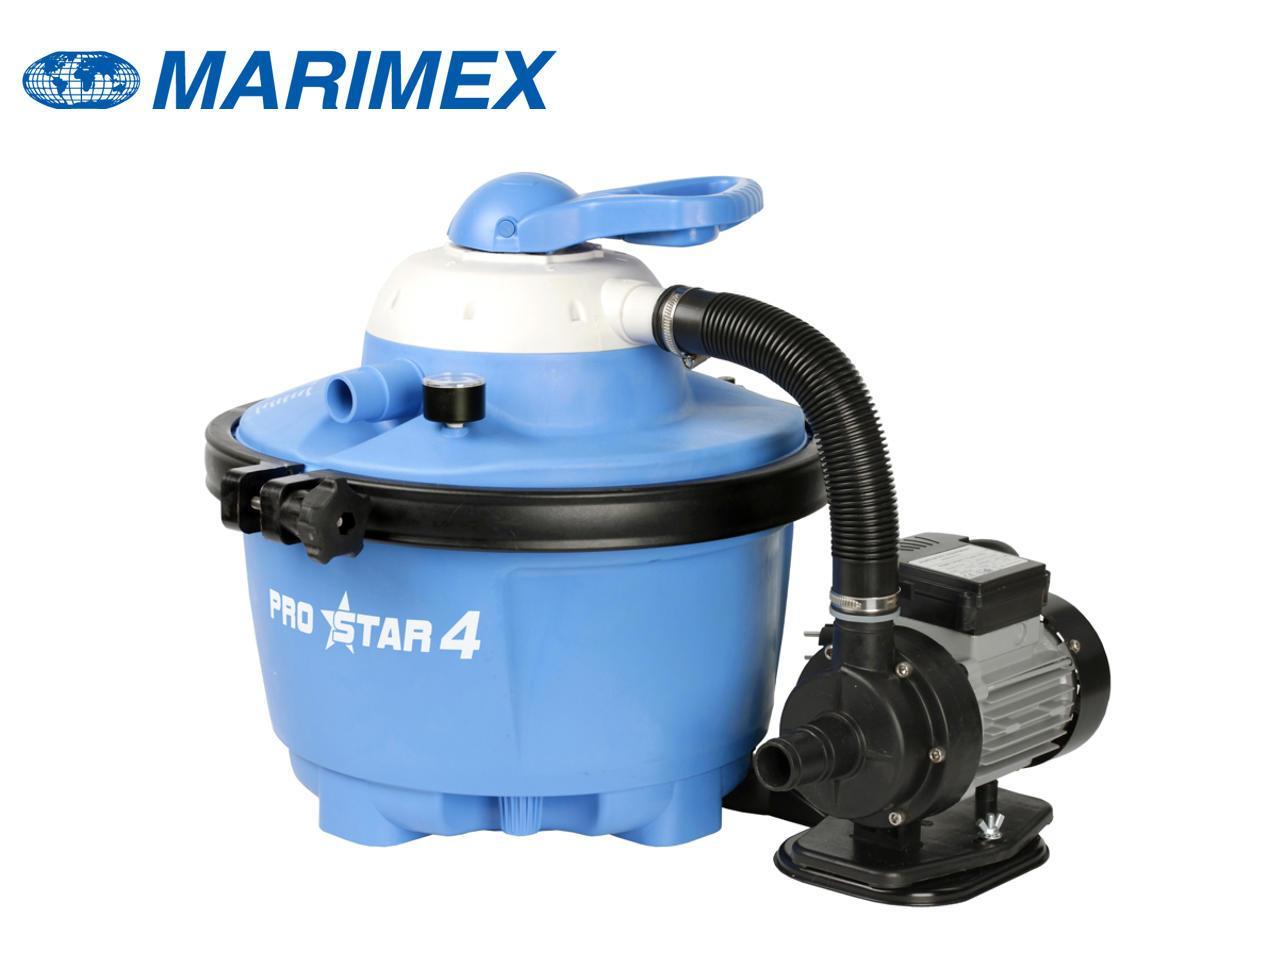 MARIMEX ProStar 4 (10600003) + 100 Kč na dárky nebo další nákup | CHAT on-line podpora PO-PÁ 8-22.00!!